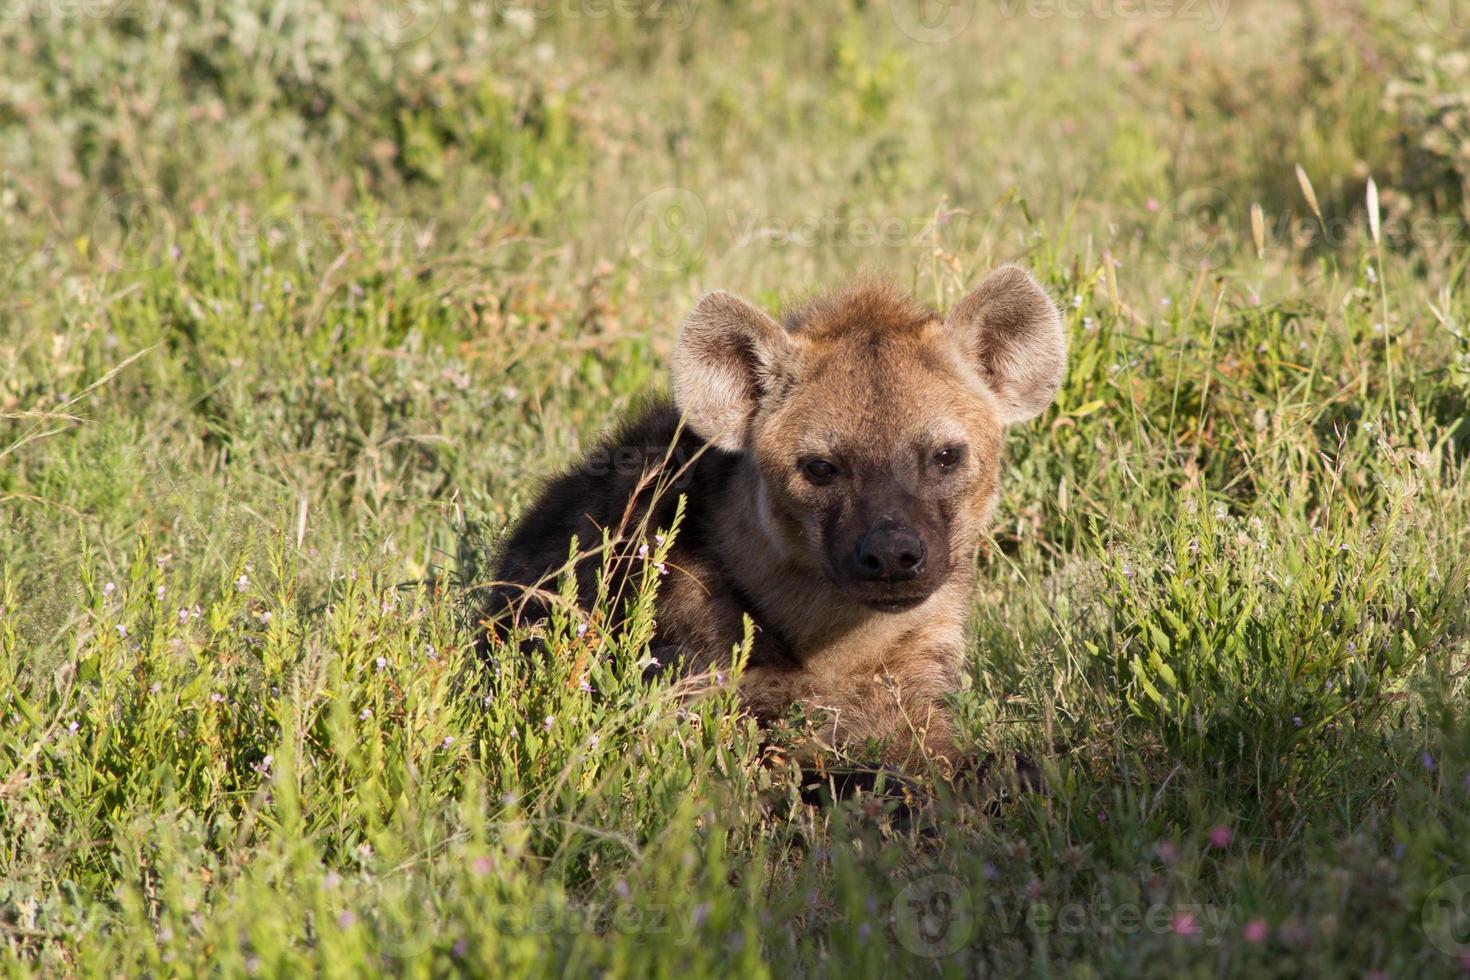 jovem hiena-pintada se escondendo na grama foto